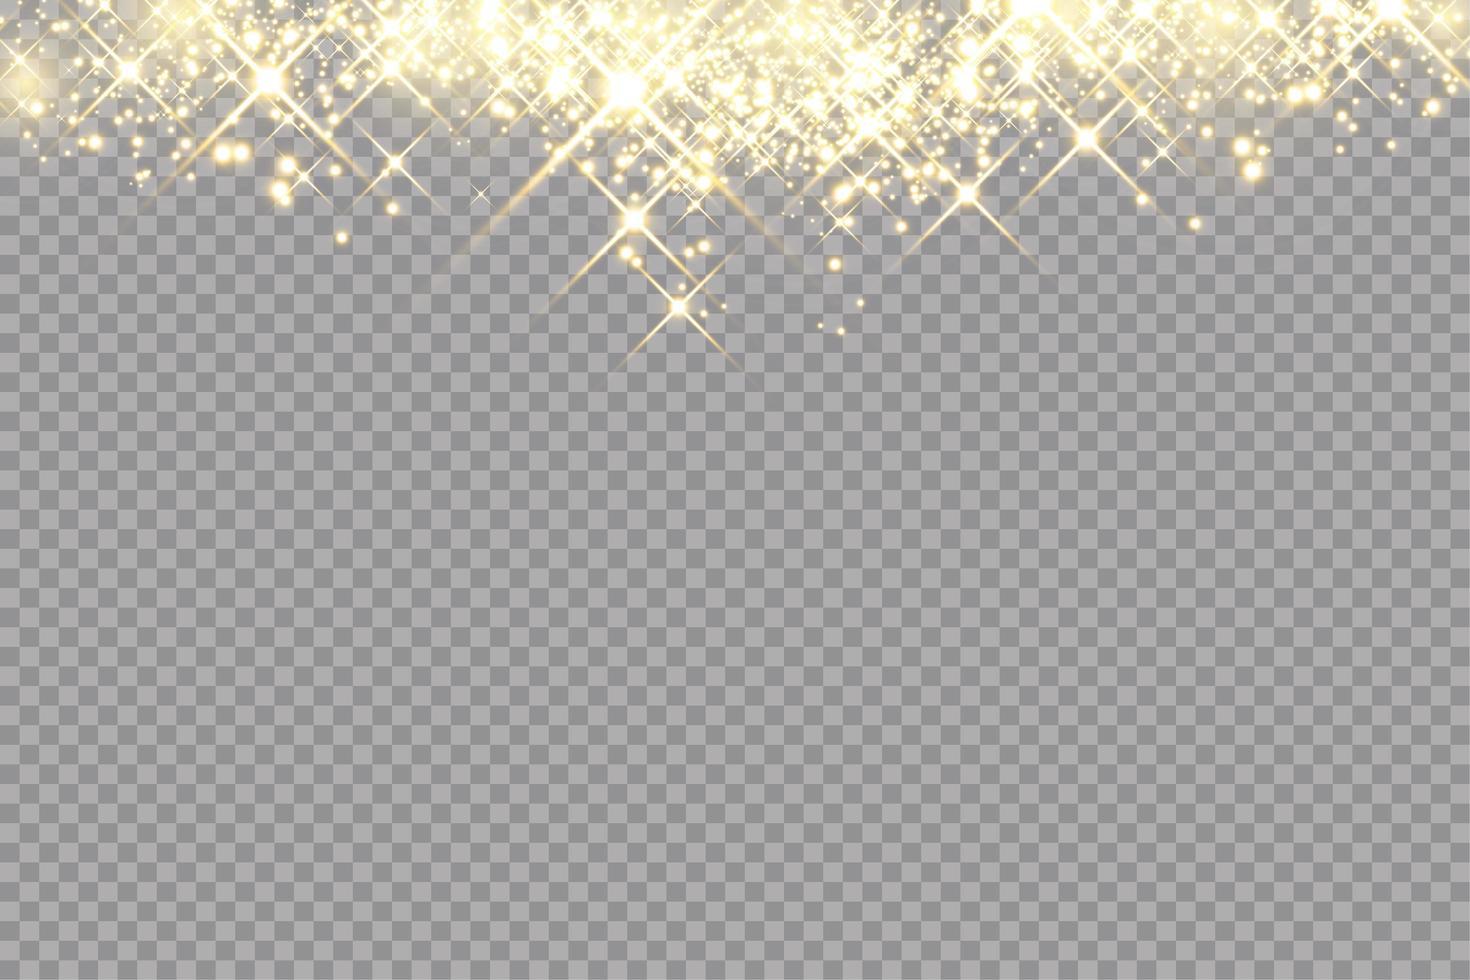 gyllene gnistor glitter speciell ljuseffekt vektor